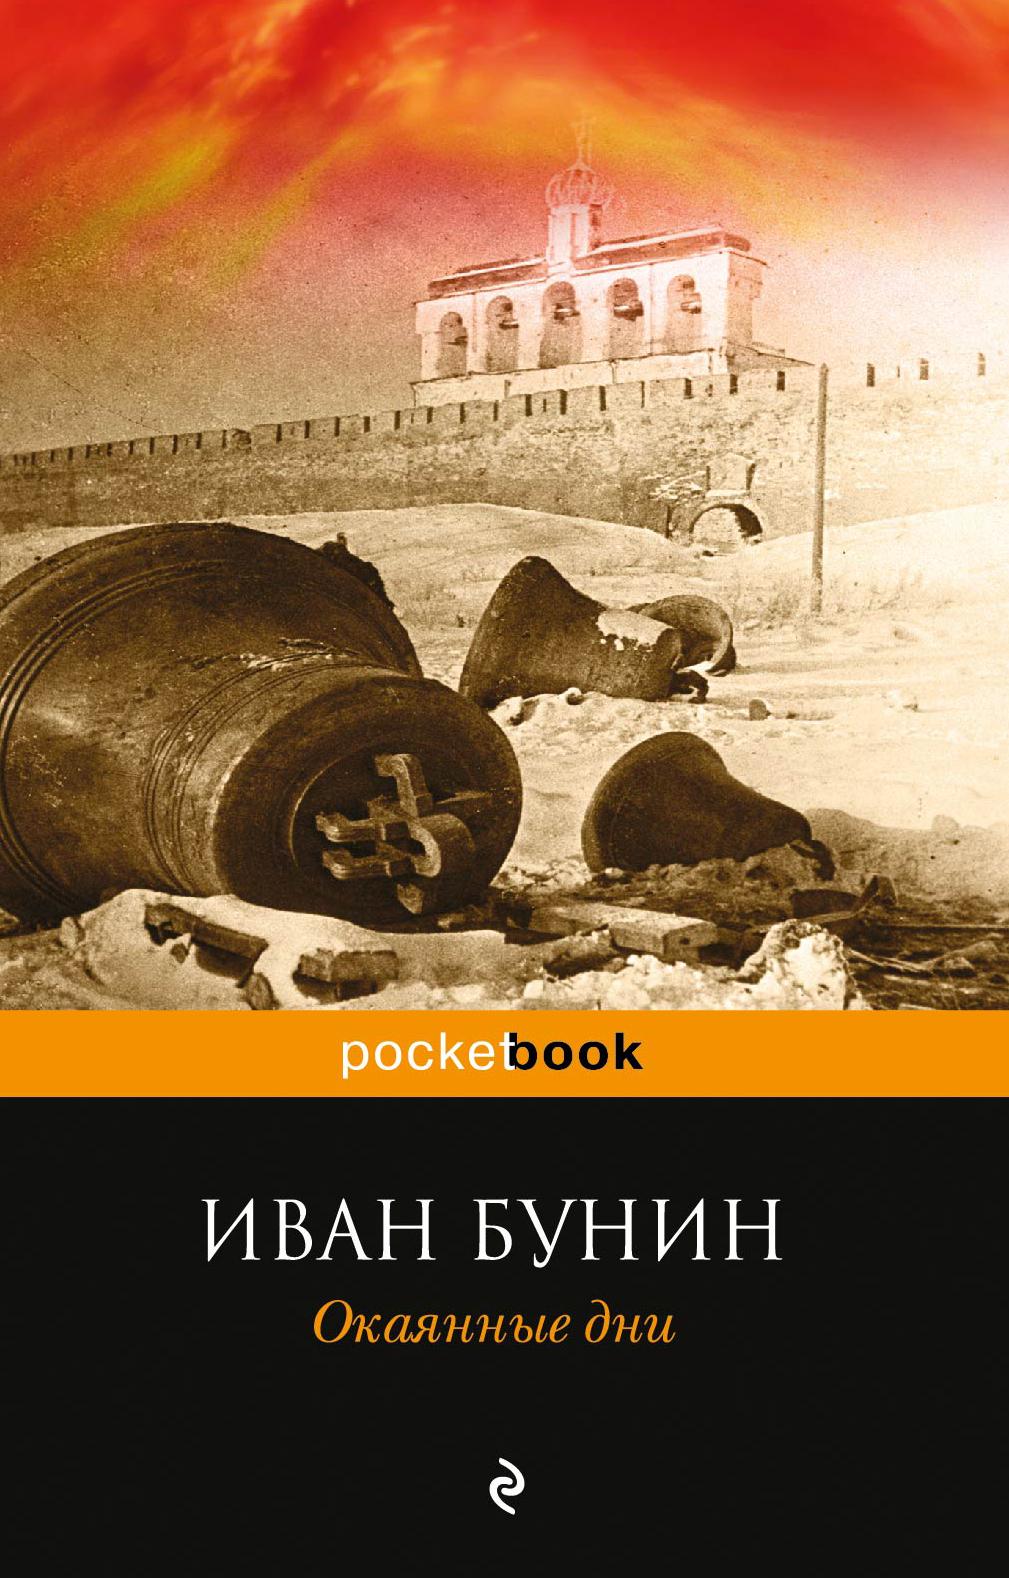 цена на Иван Бунин Окаянные дни